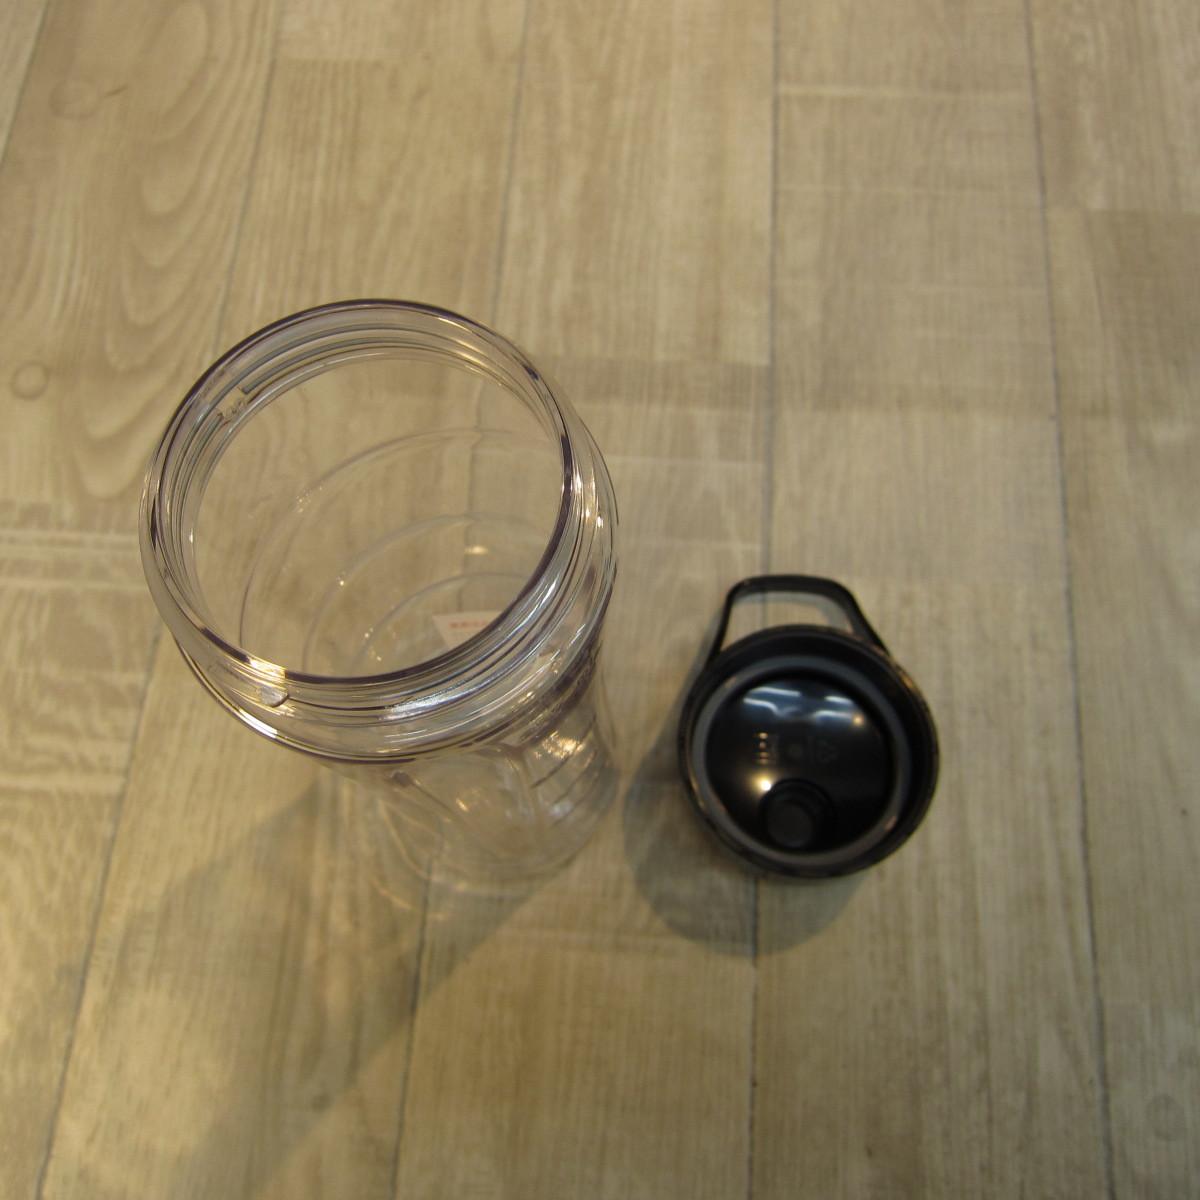 S6171【未使用】HadinEEon ジューサー ミキサー ボトルミキサー 200Wハイパワー 氷も砕ける ジューサー アウトドア/オフィスなどに向け